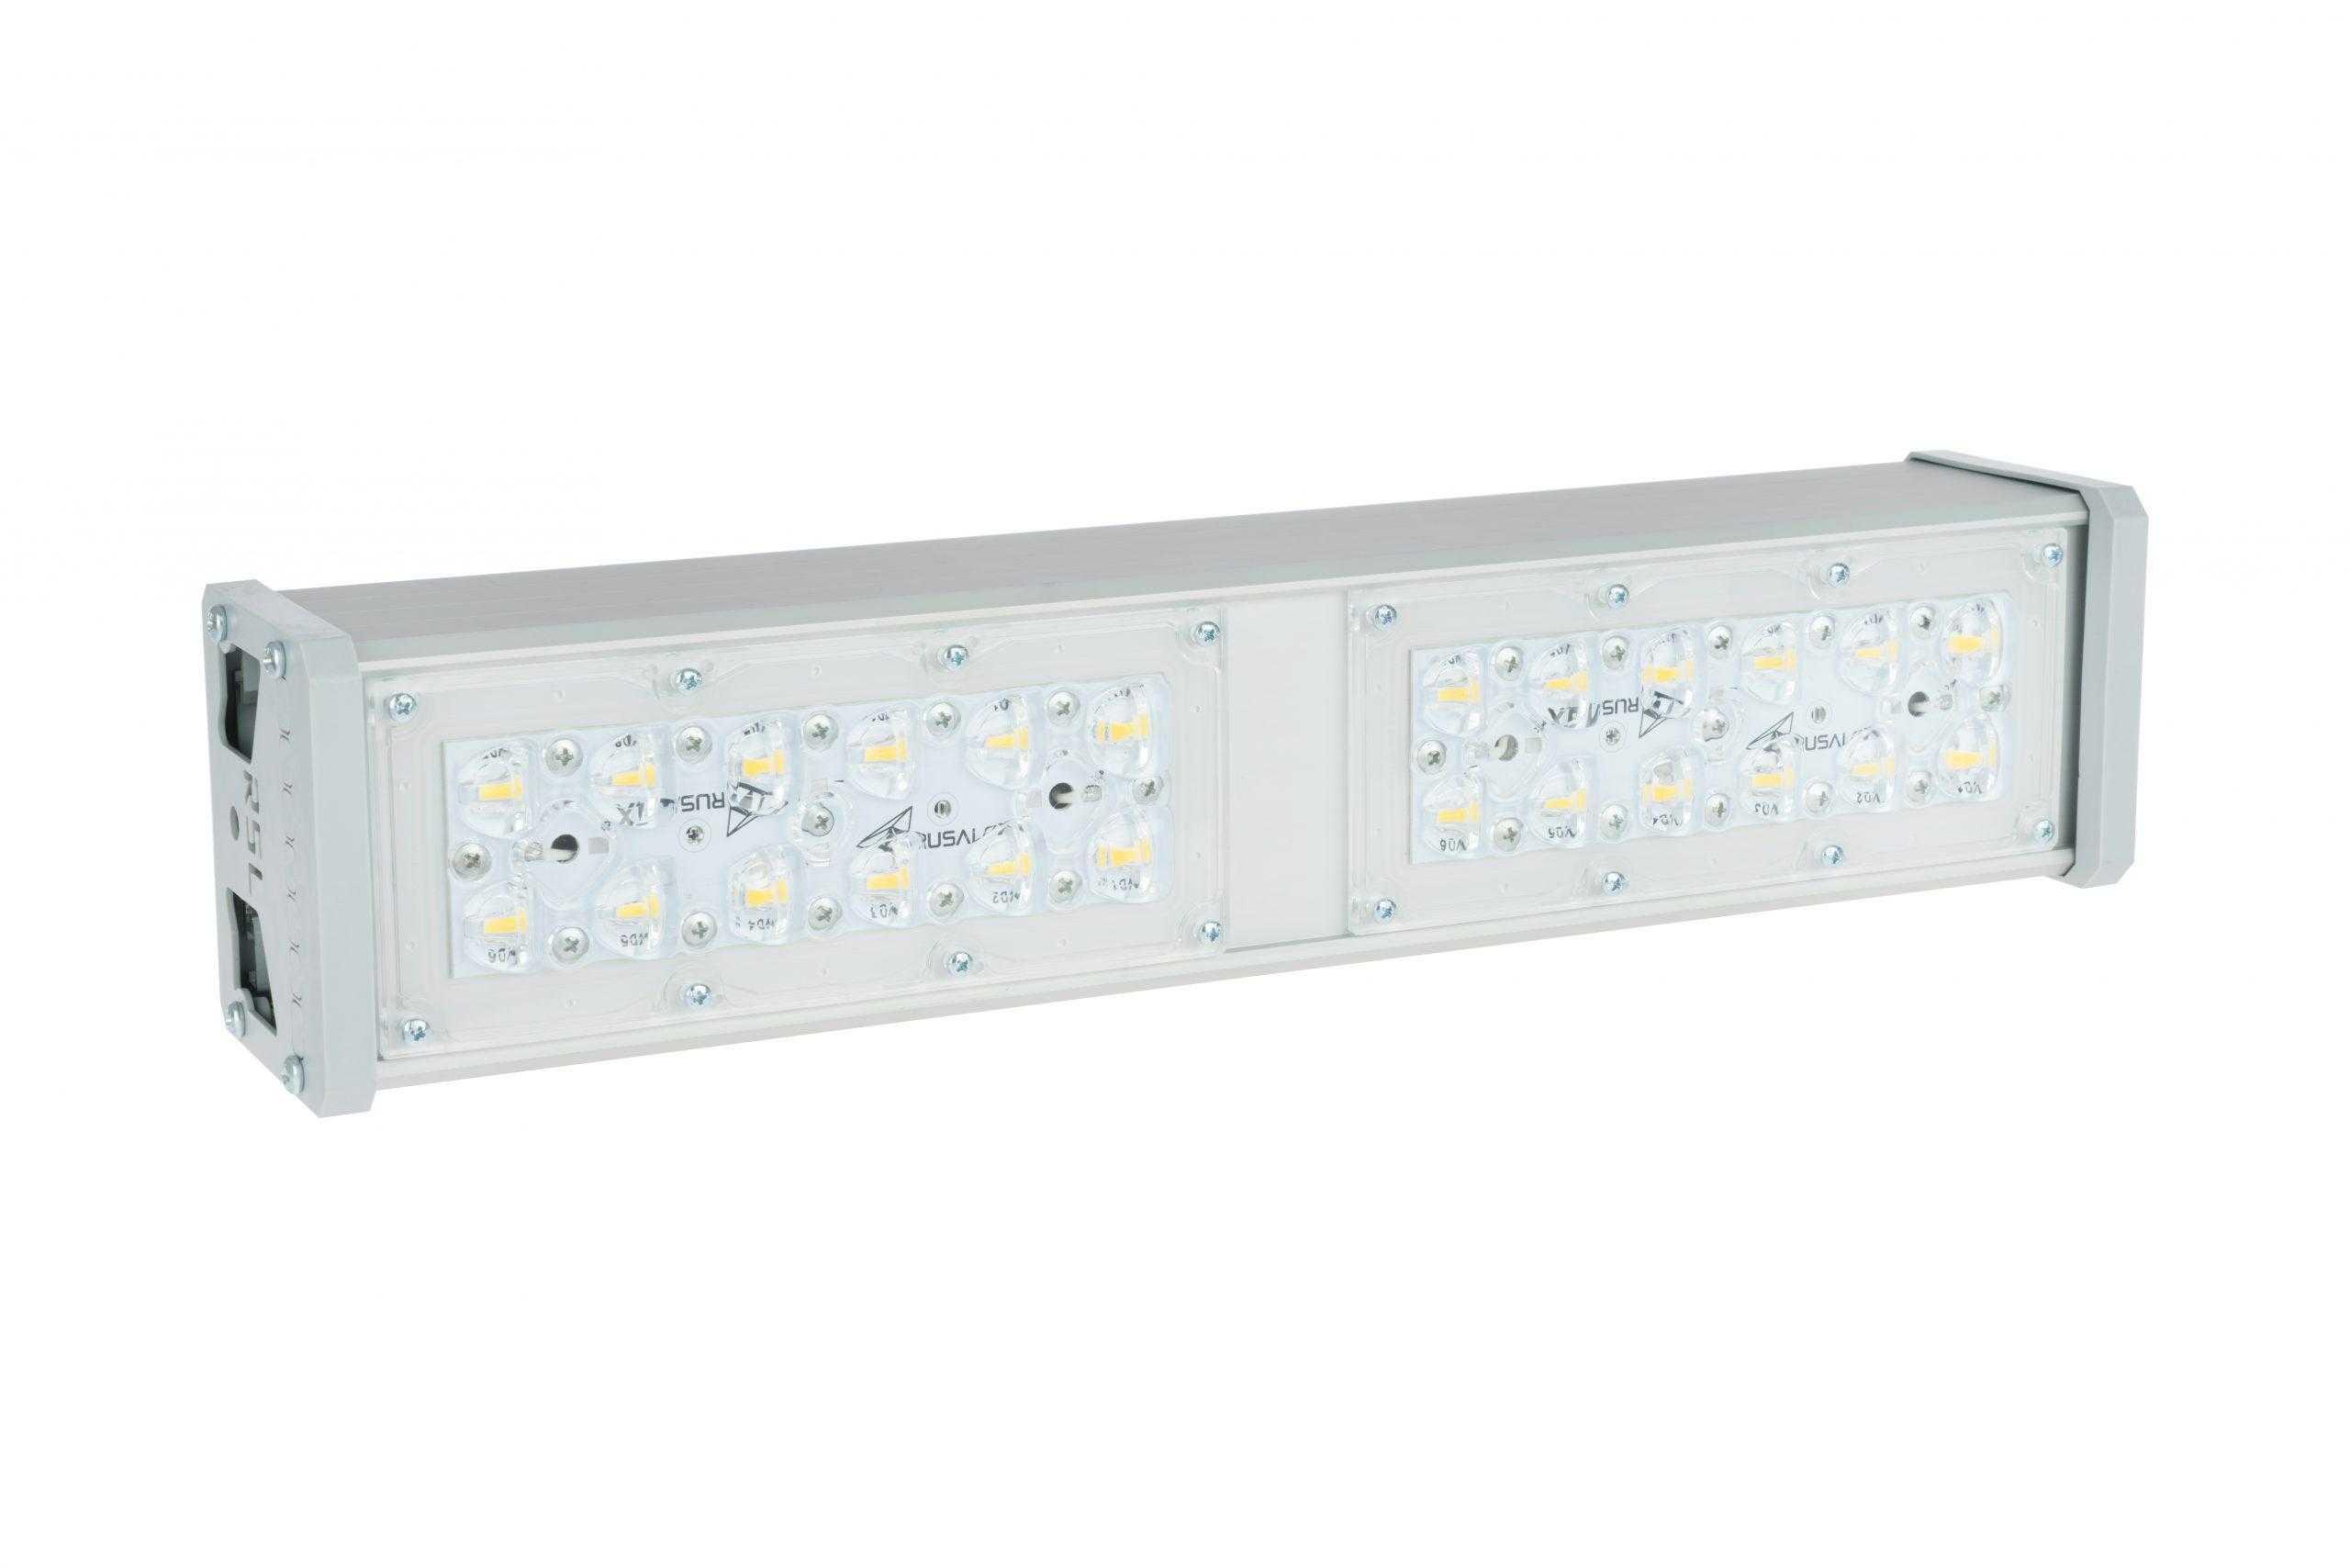 Изображение уличного светодиодного светильника 70 Вт RSL Industrial 2МU-70W